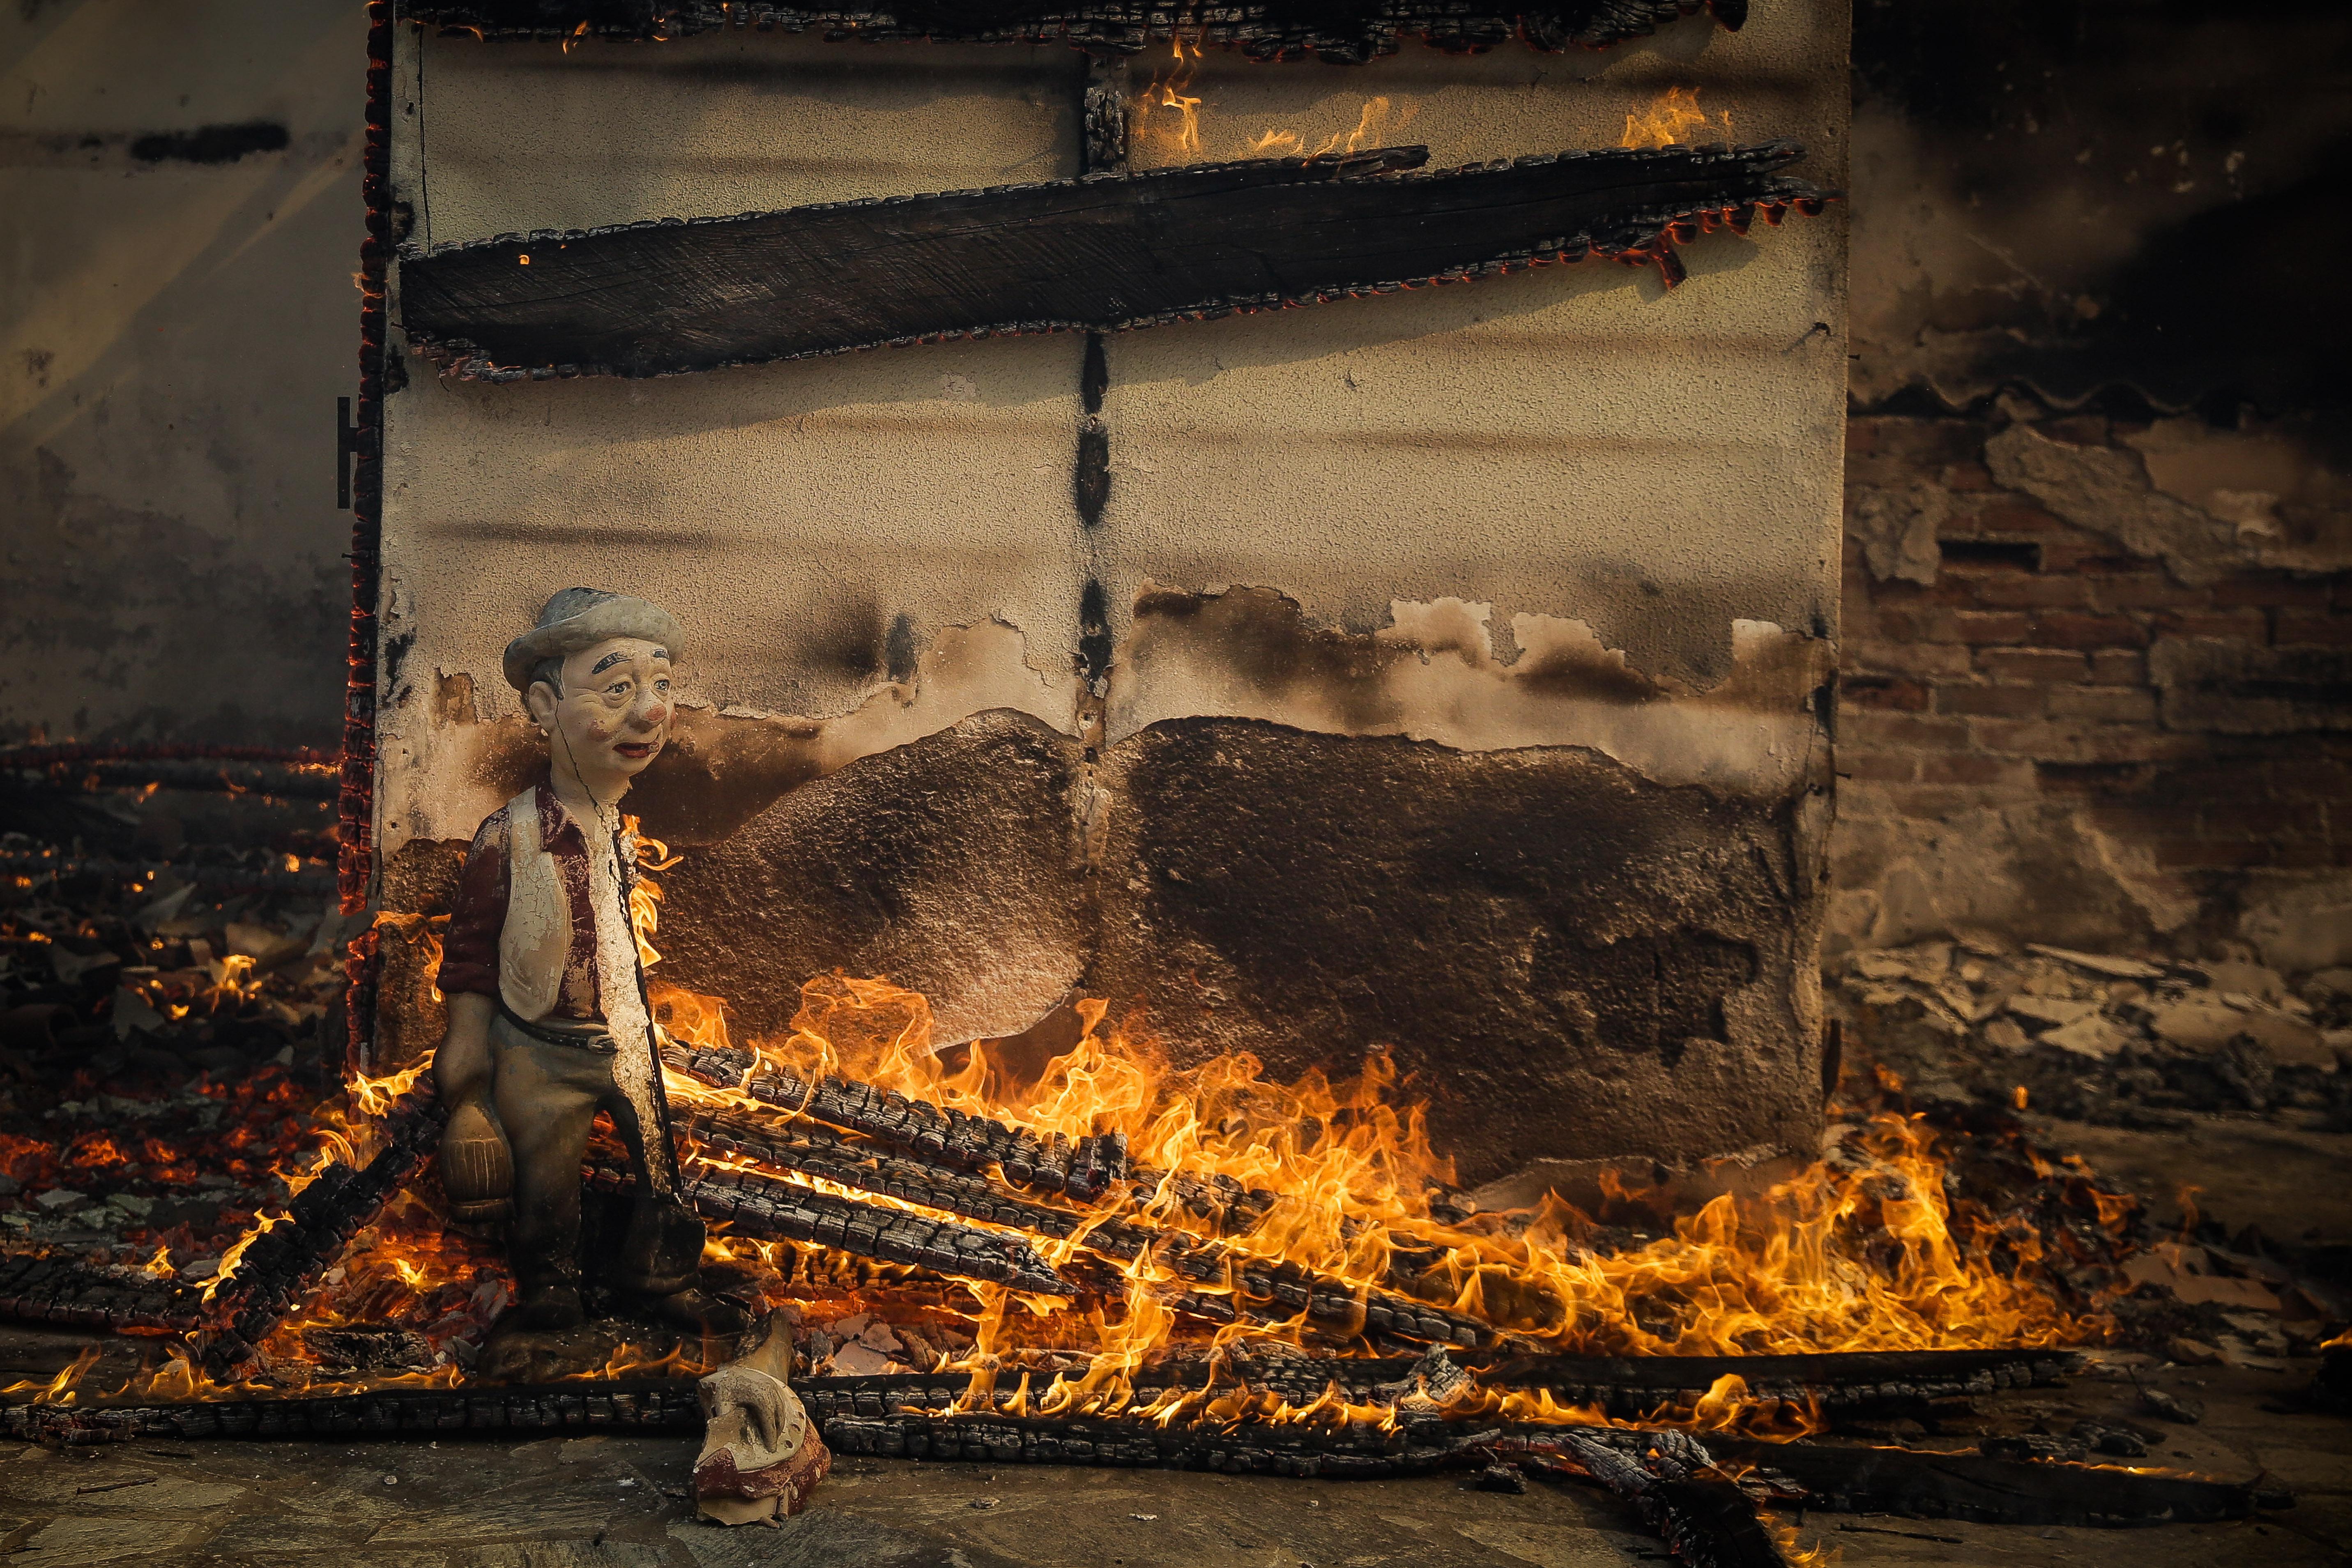 eikones-oloklirotikis-katastrofis-apo-tis-pyrkagies-foto-amp-8211-vinteo9